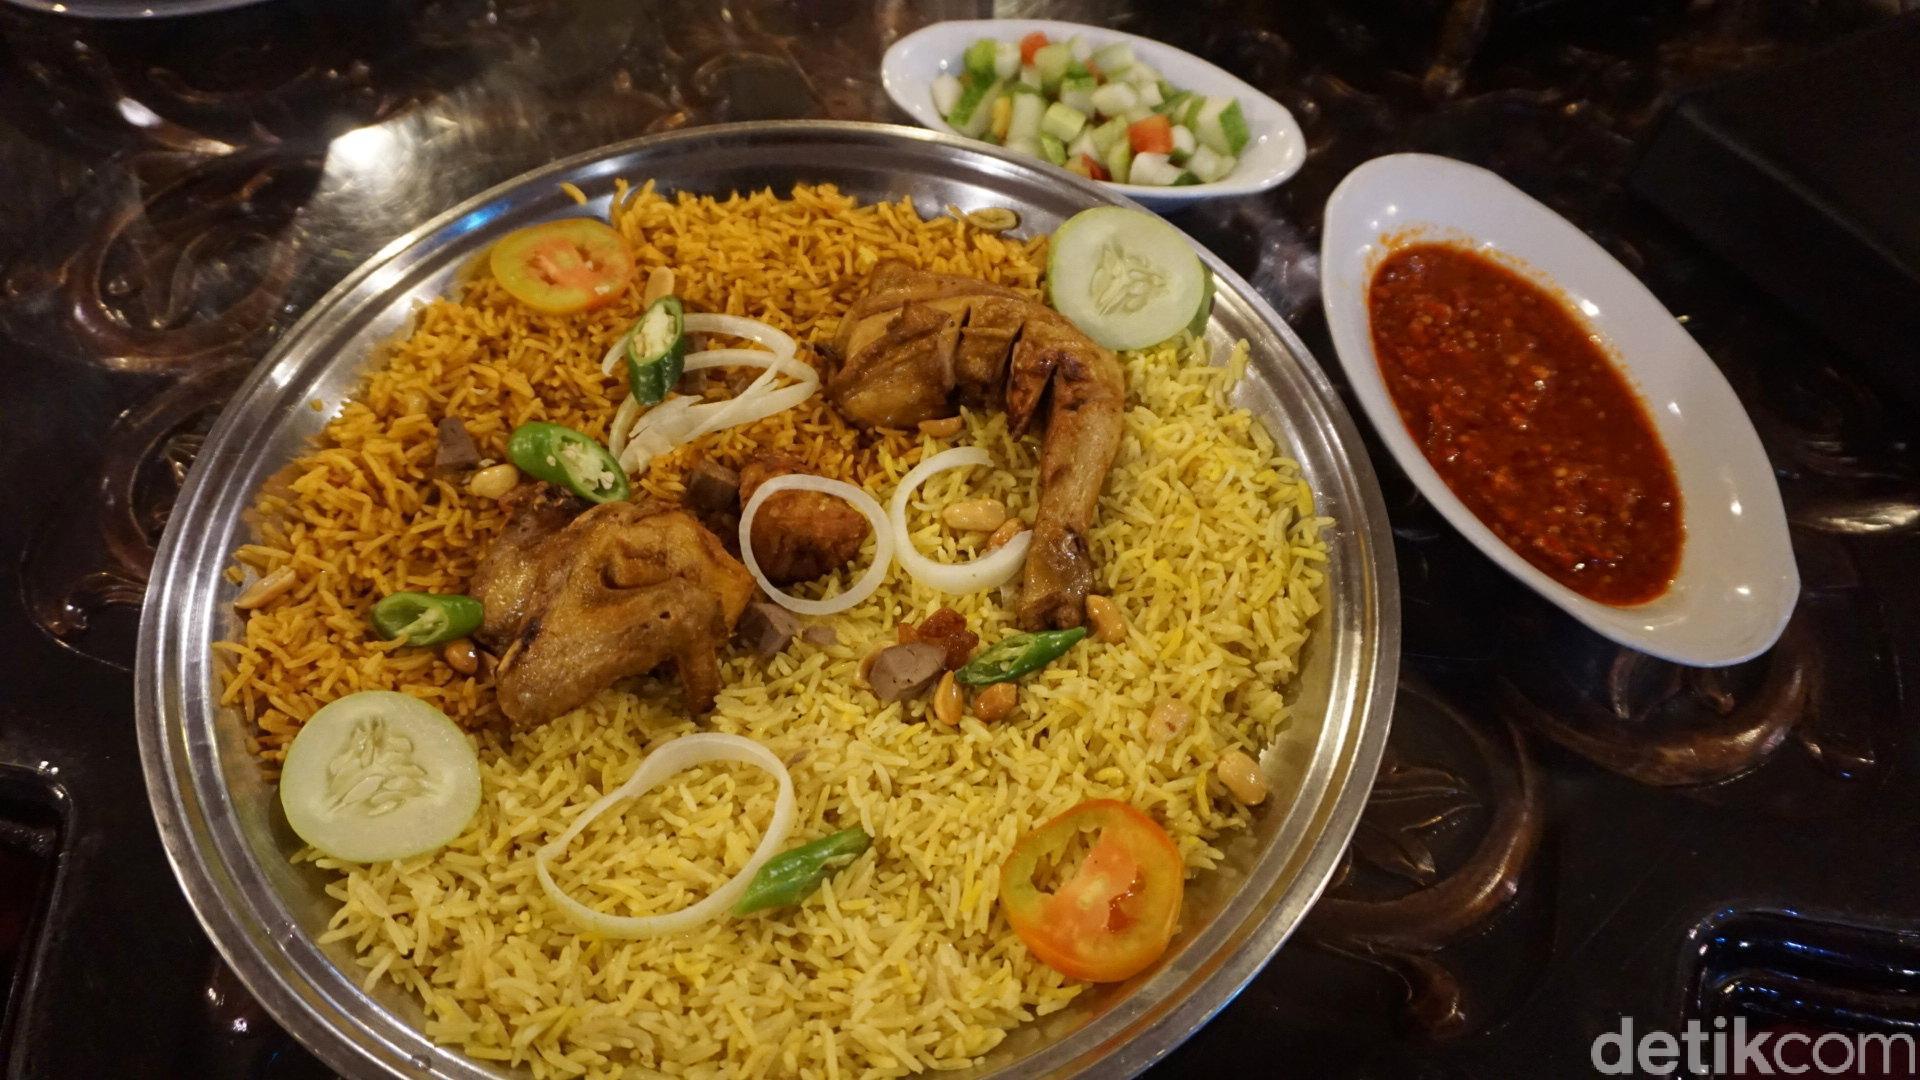 resep nasi briyani daging sapi